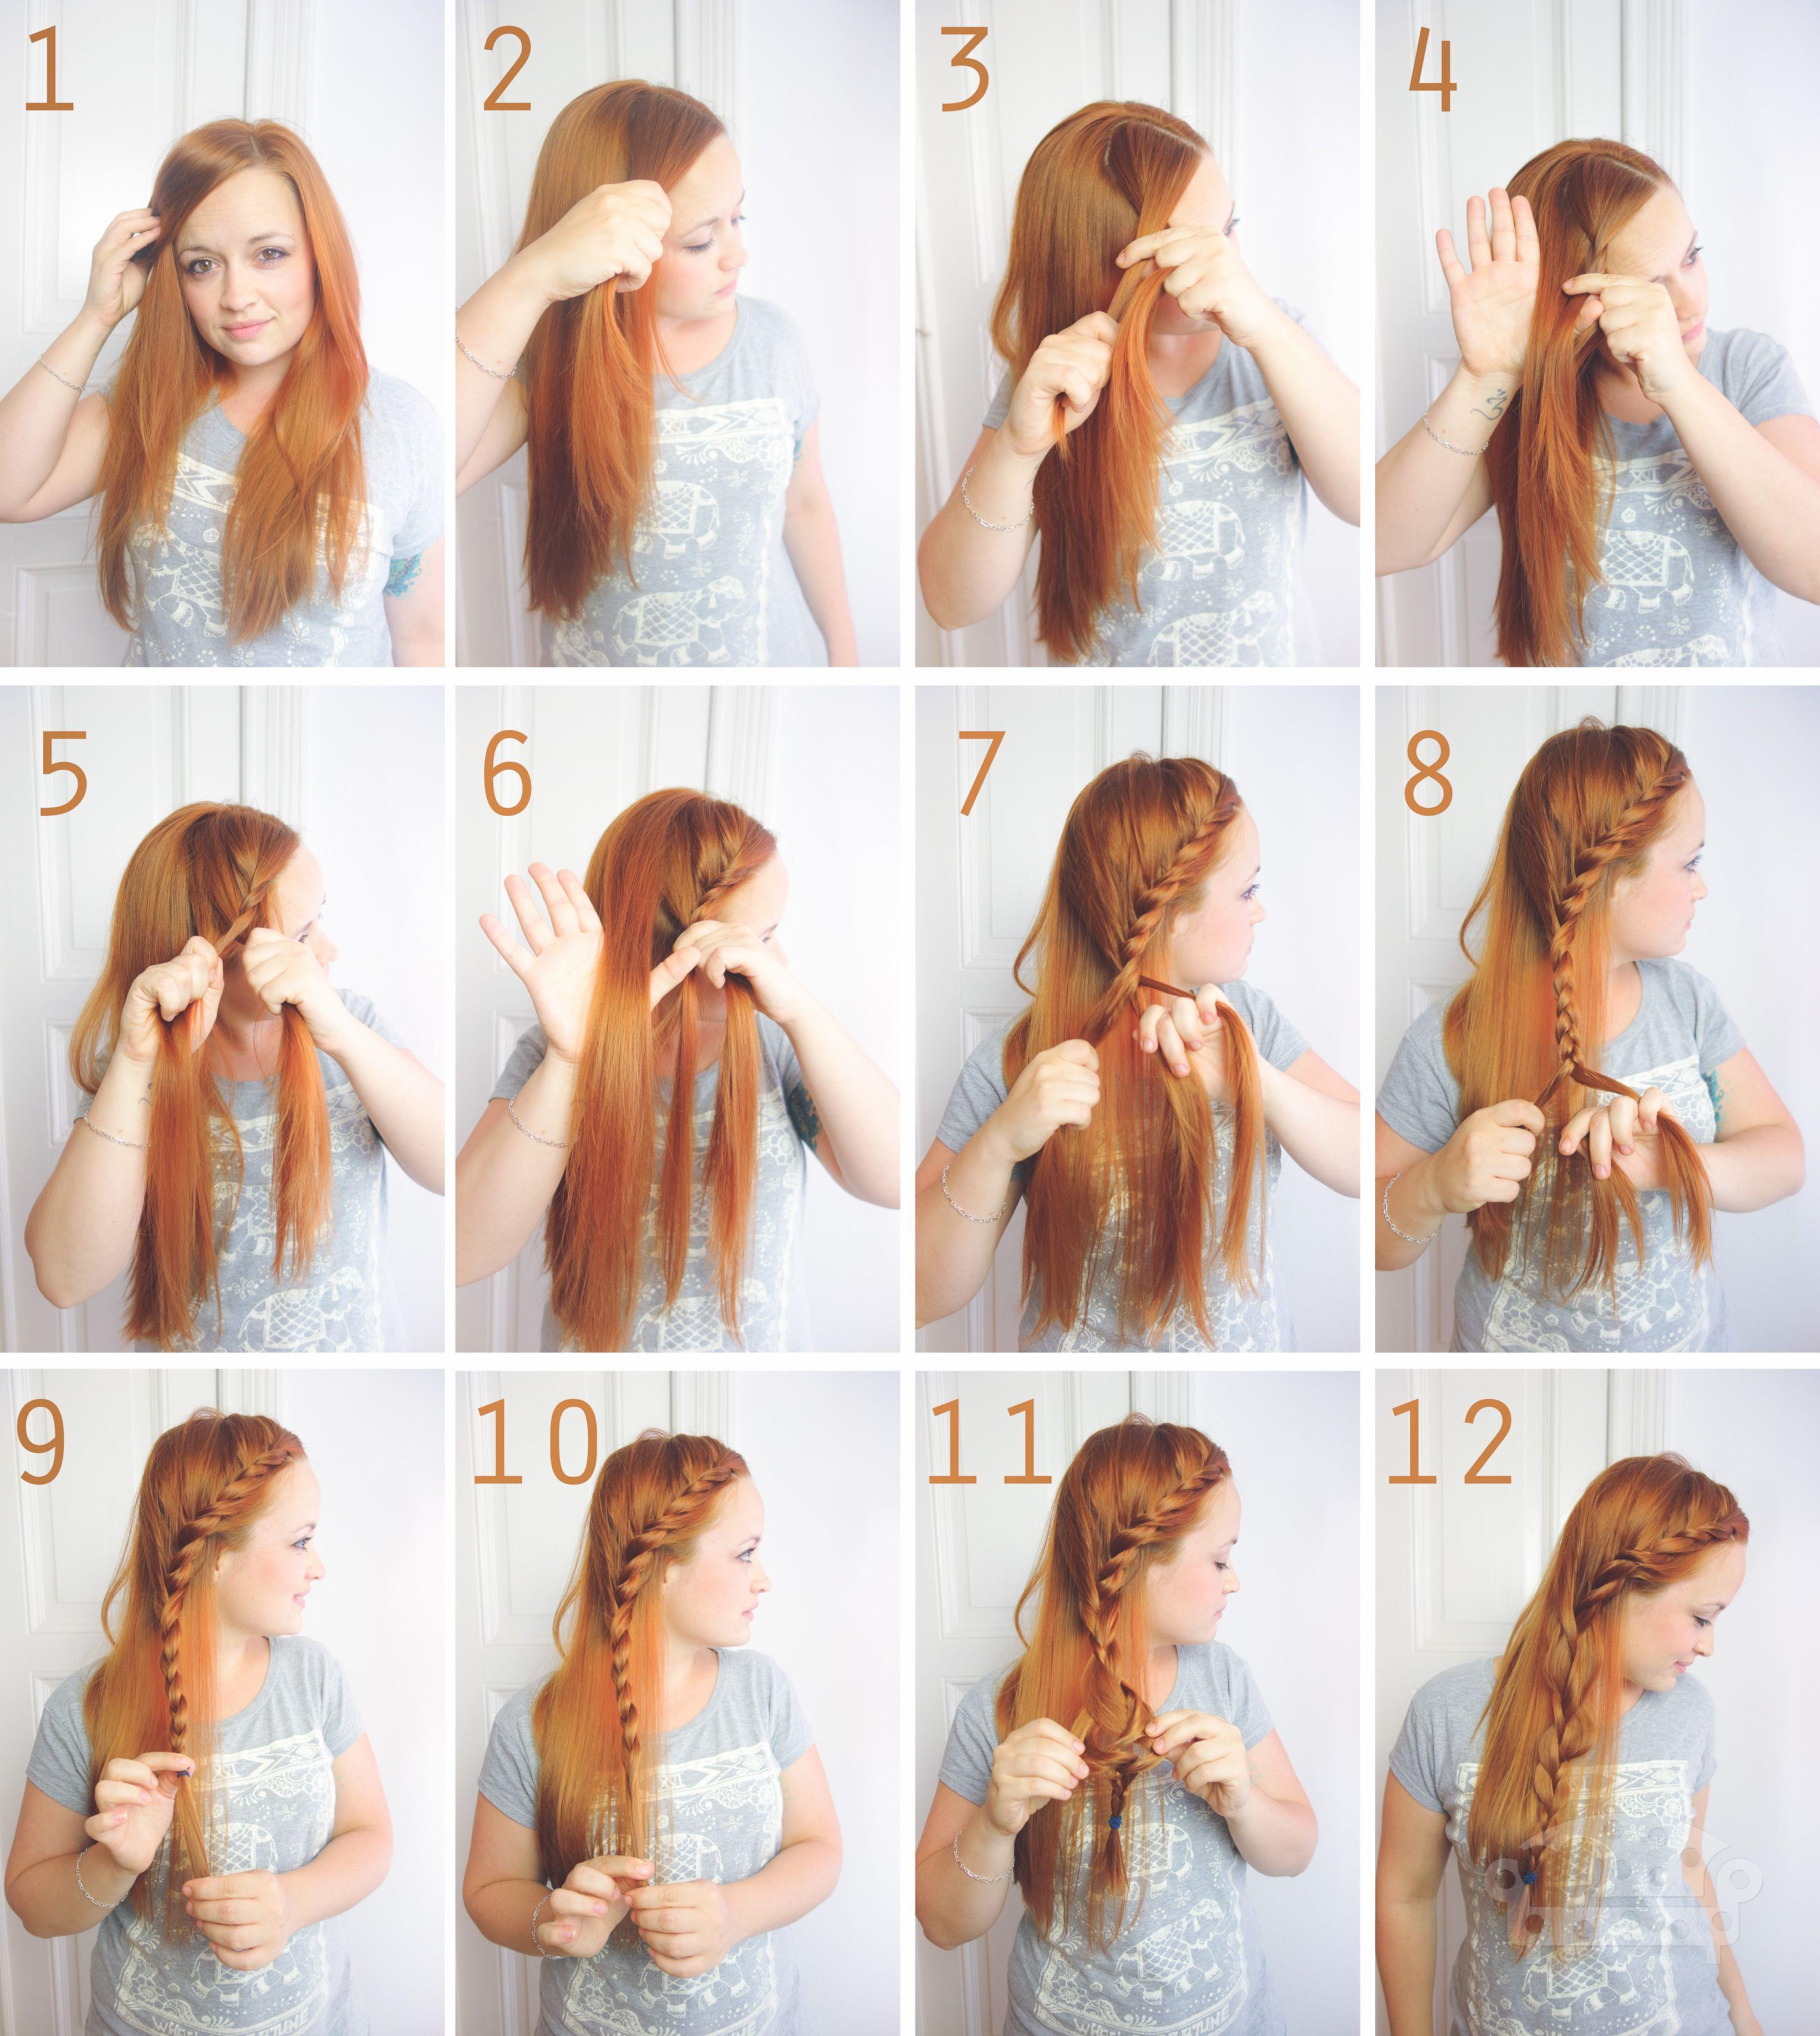 Frisur Collage 2 Frisuren Pinterest Collage Frisur Und